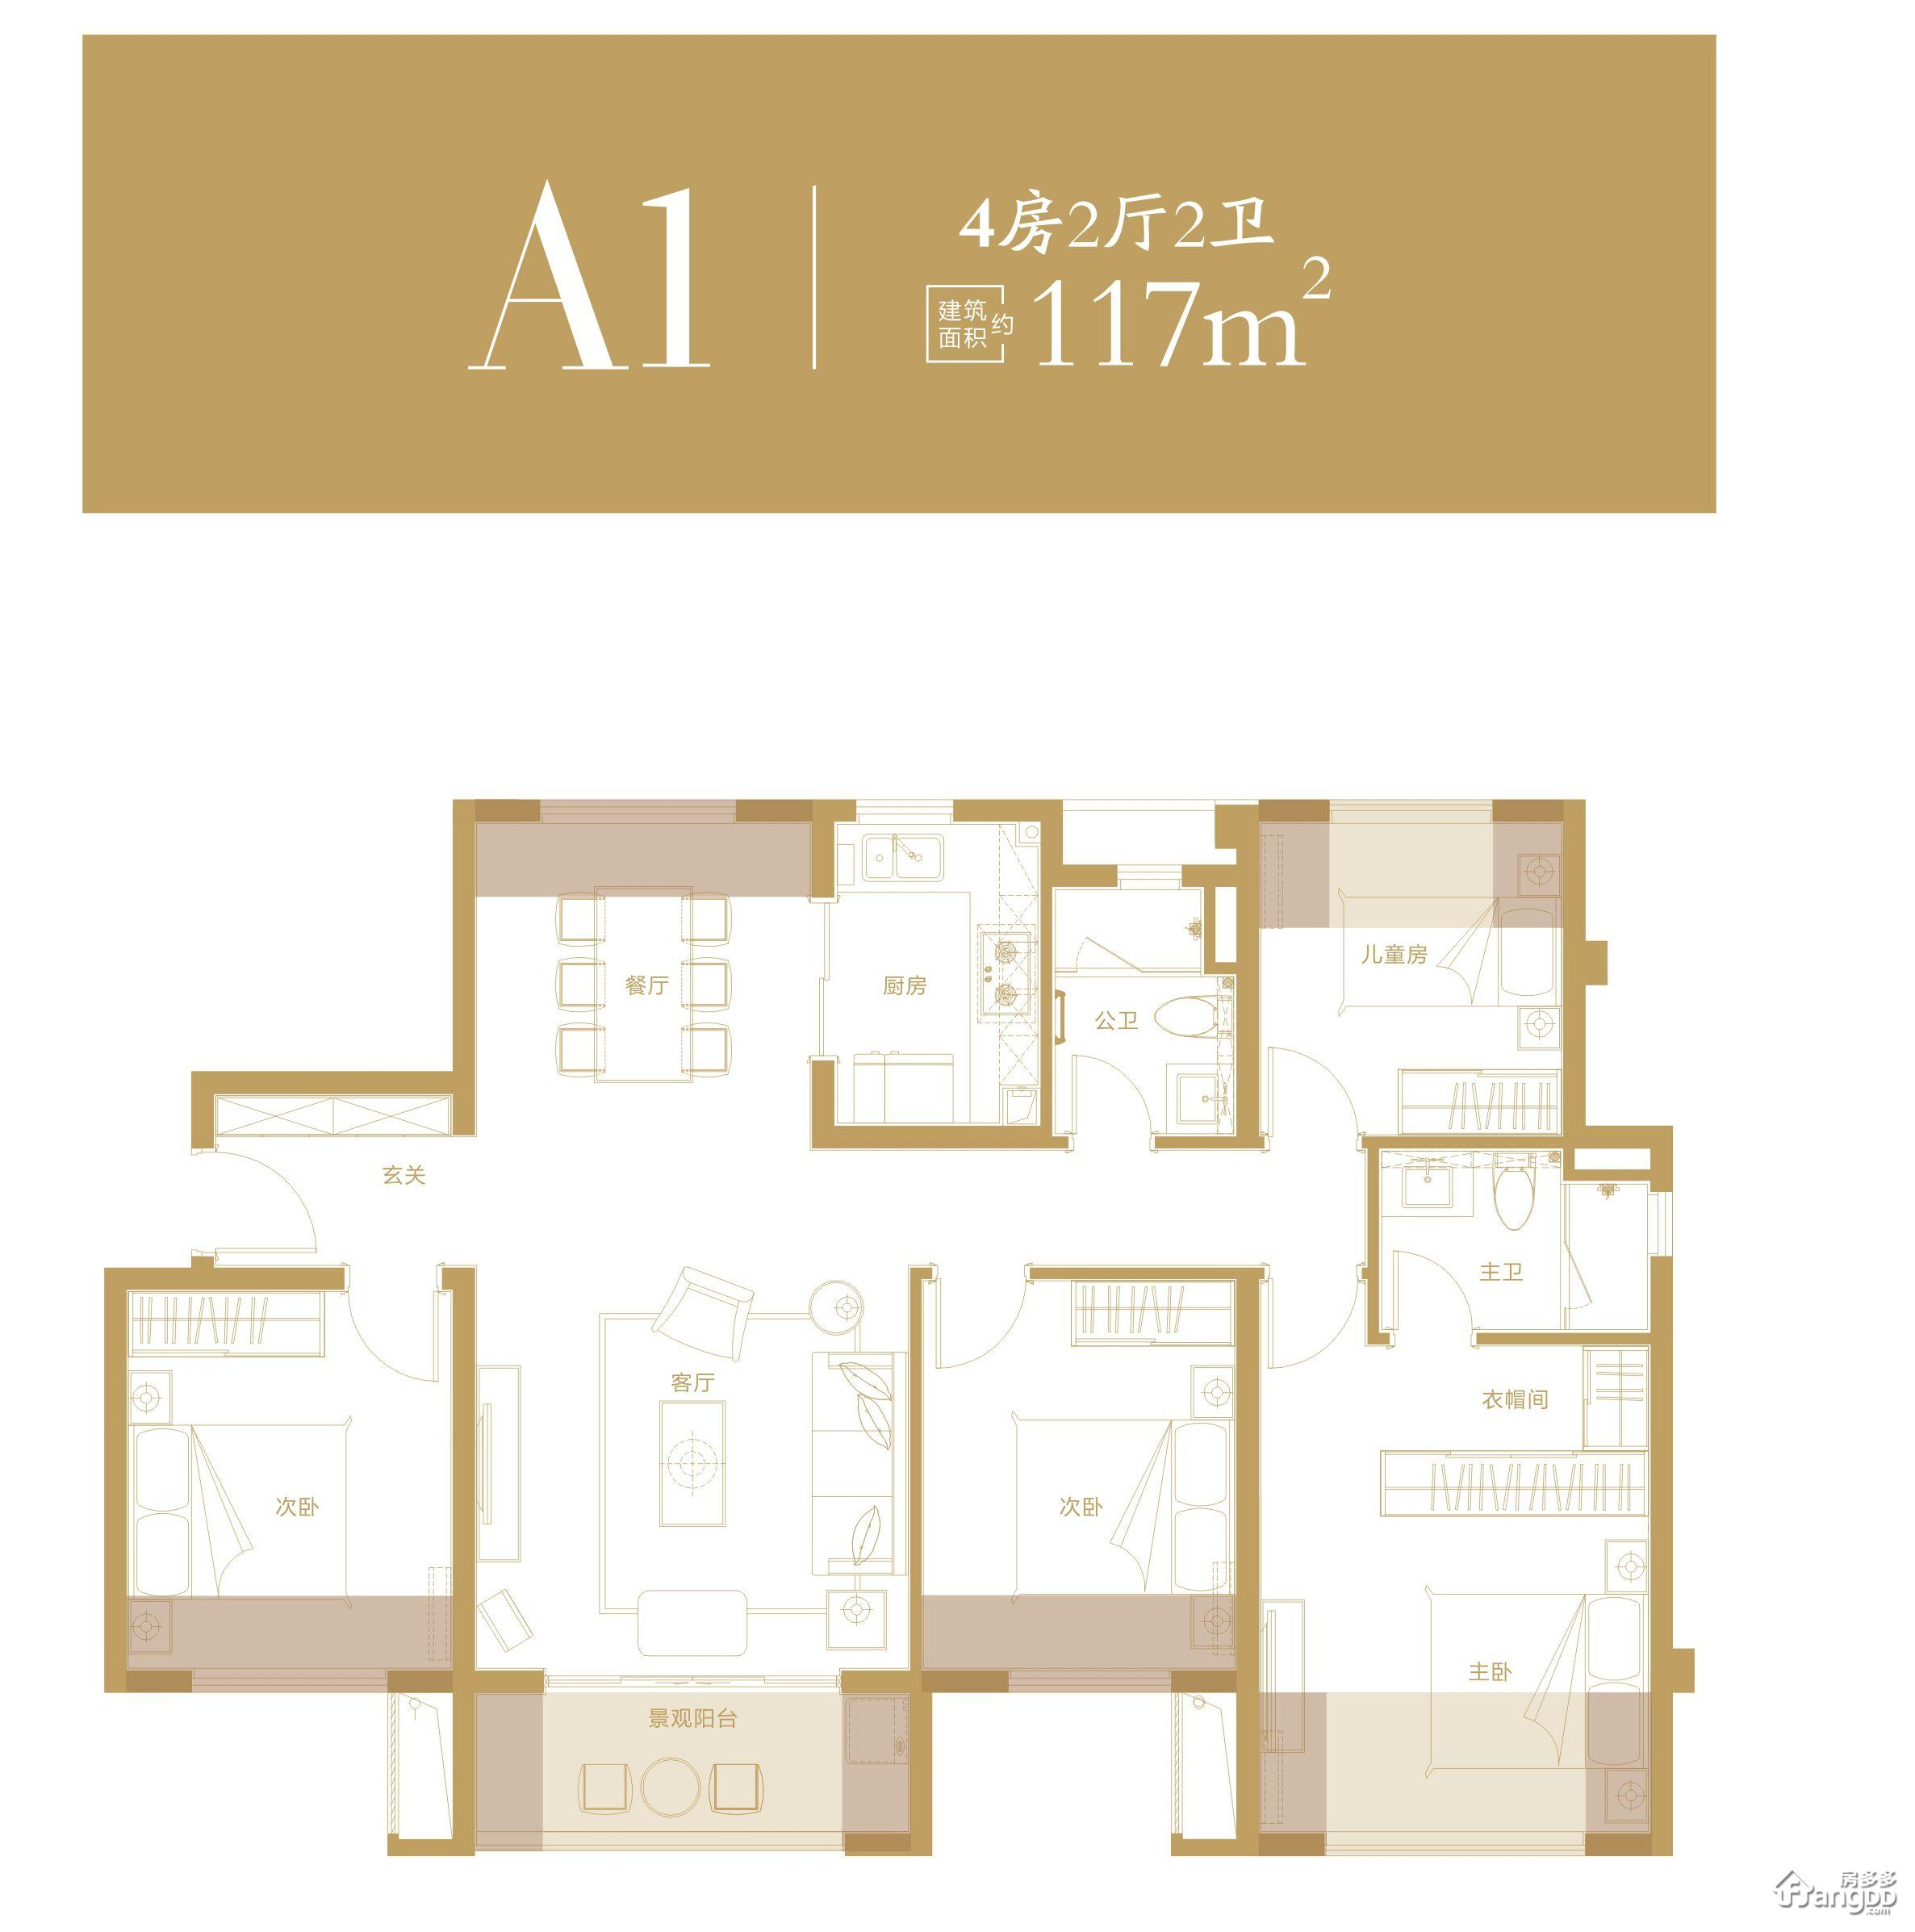 中海凤凰熙岸4室2厅2卫户型图